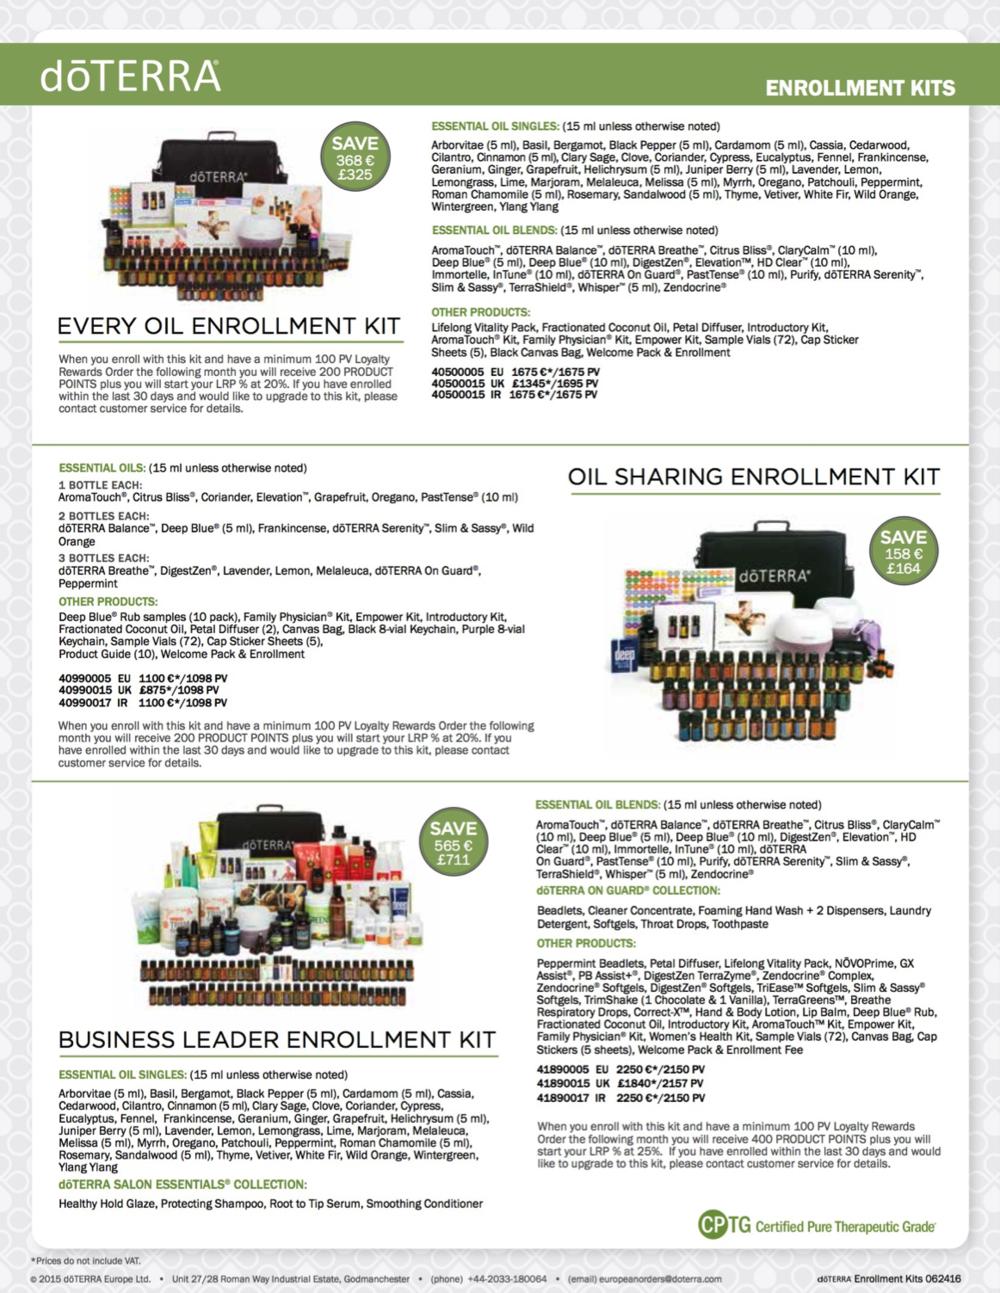 enrollment kit 2.png